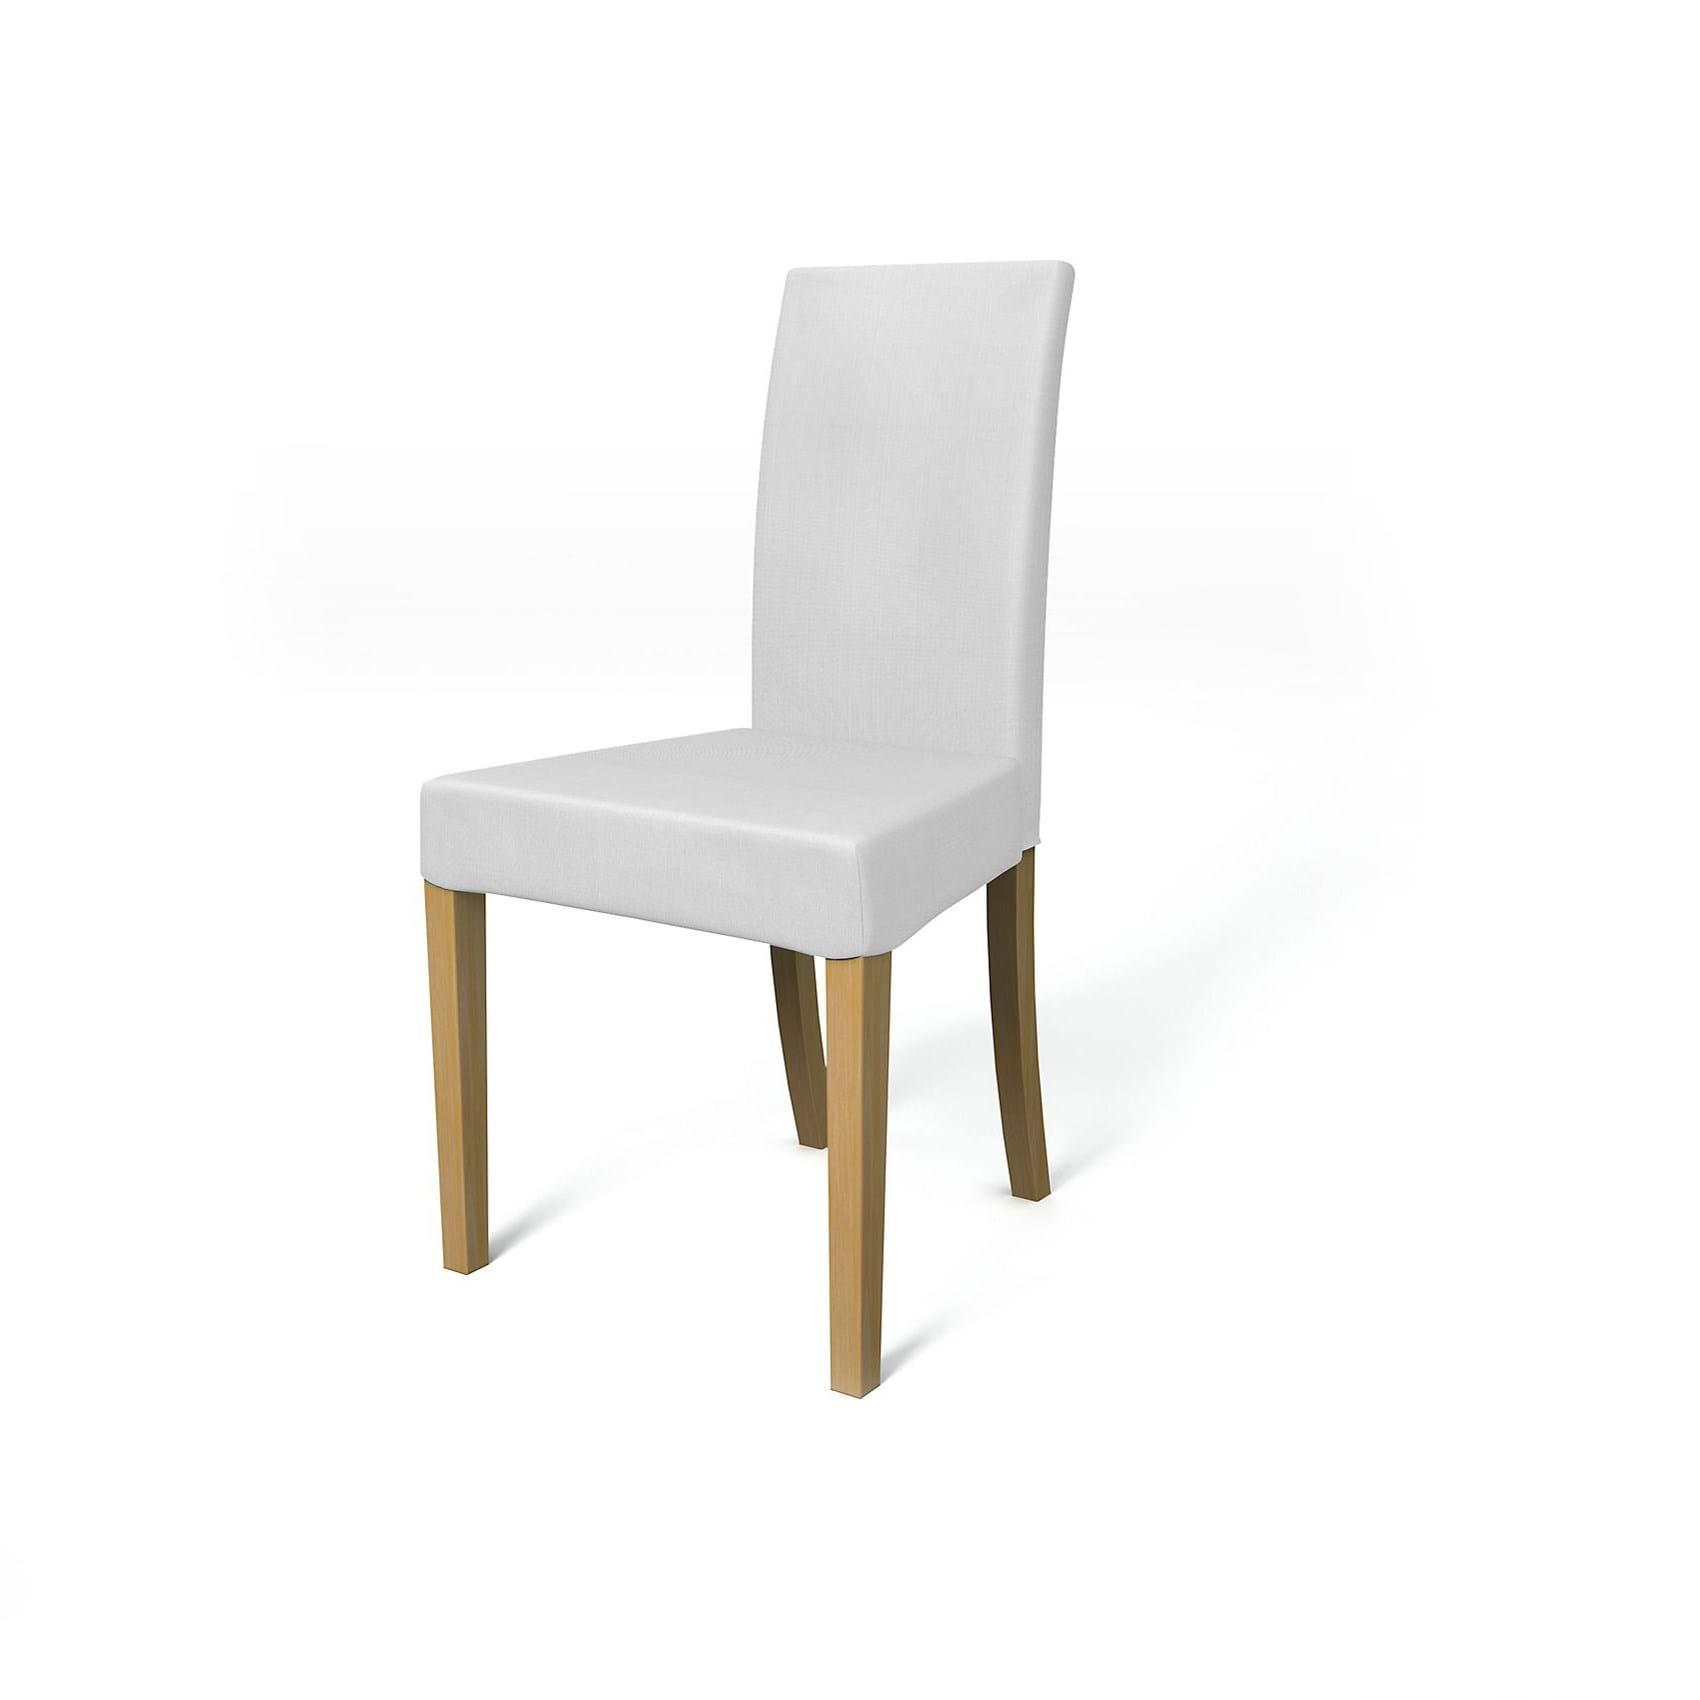 housses de rechange pour chaises ikea